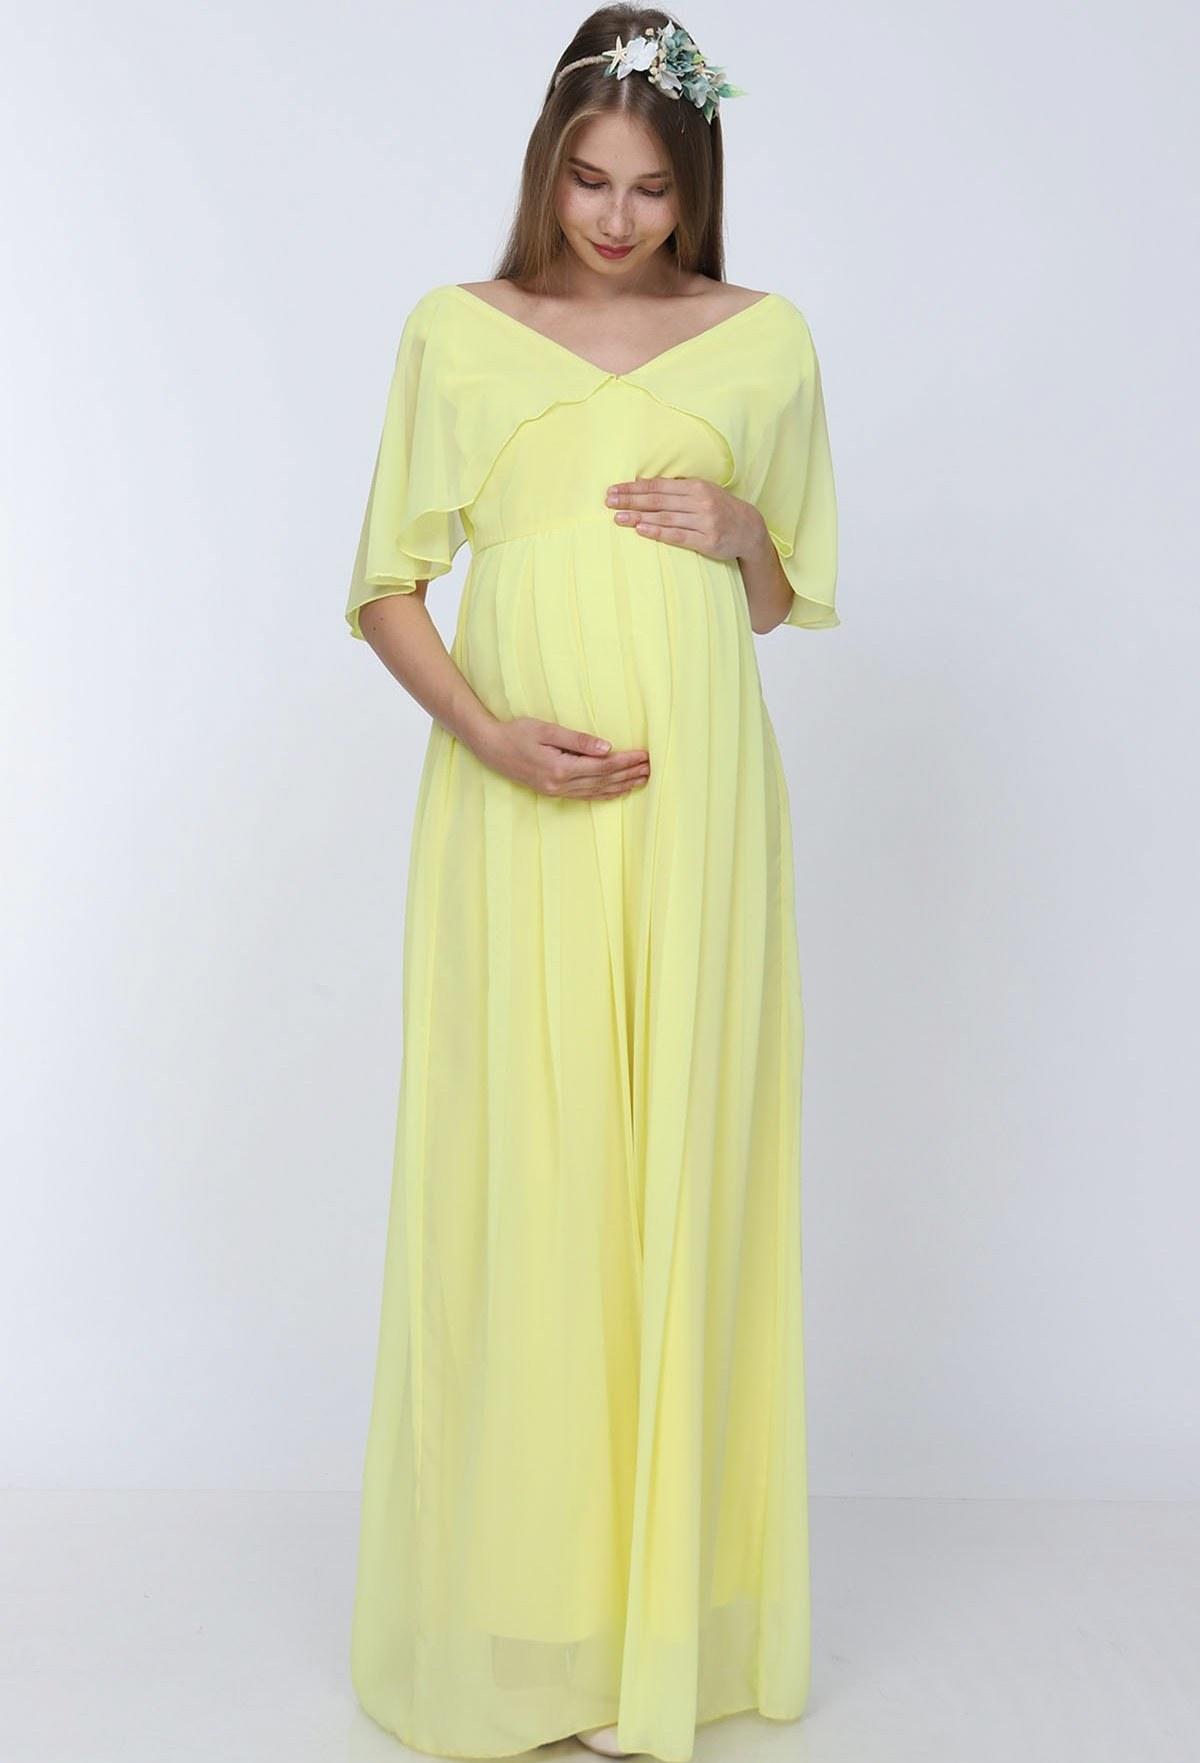 پیراهن آستین فرشته زرد برند Moda Labio کد 1608707882